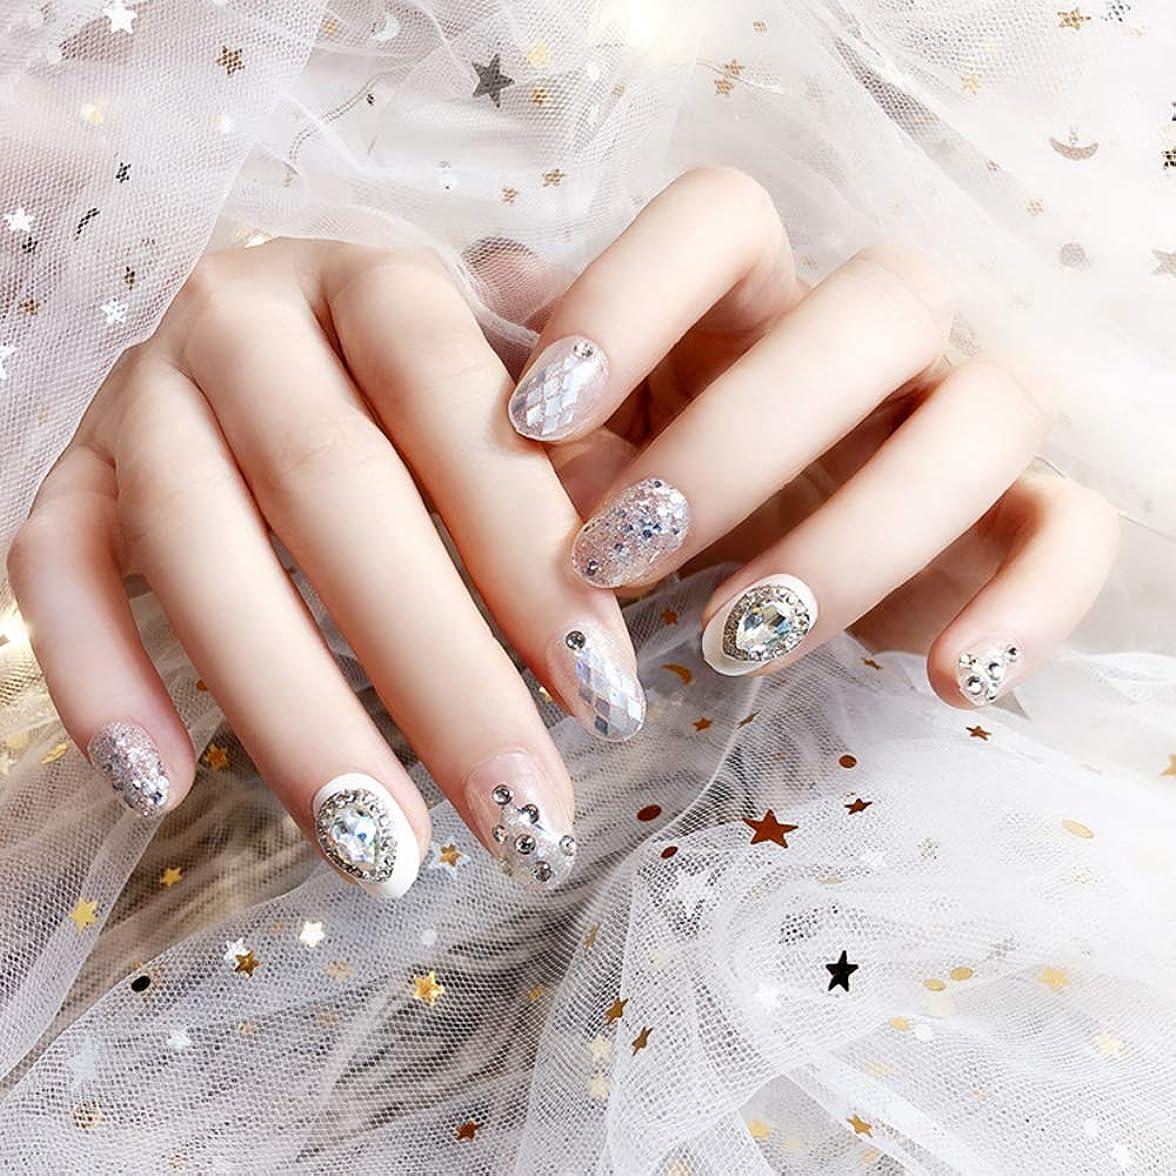 折り目角度理論XUTXZKA 24個の結婚式の偽の爪楕円形の短い爪のヒントキラキラ装飾偽の爪